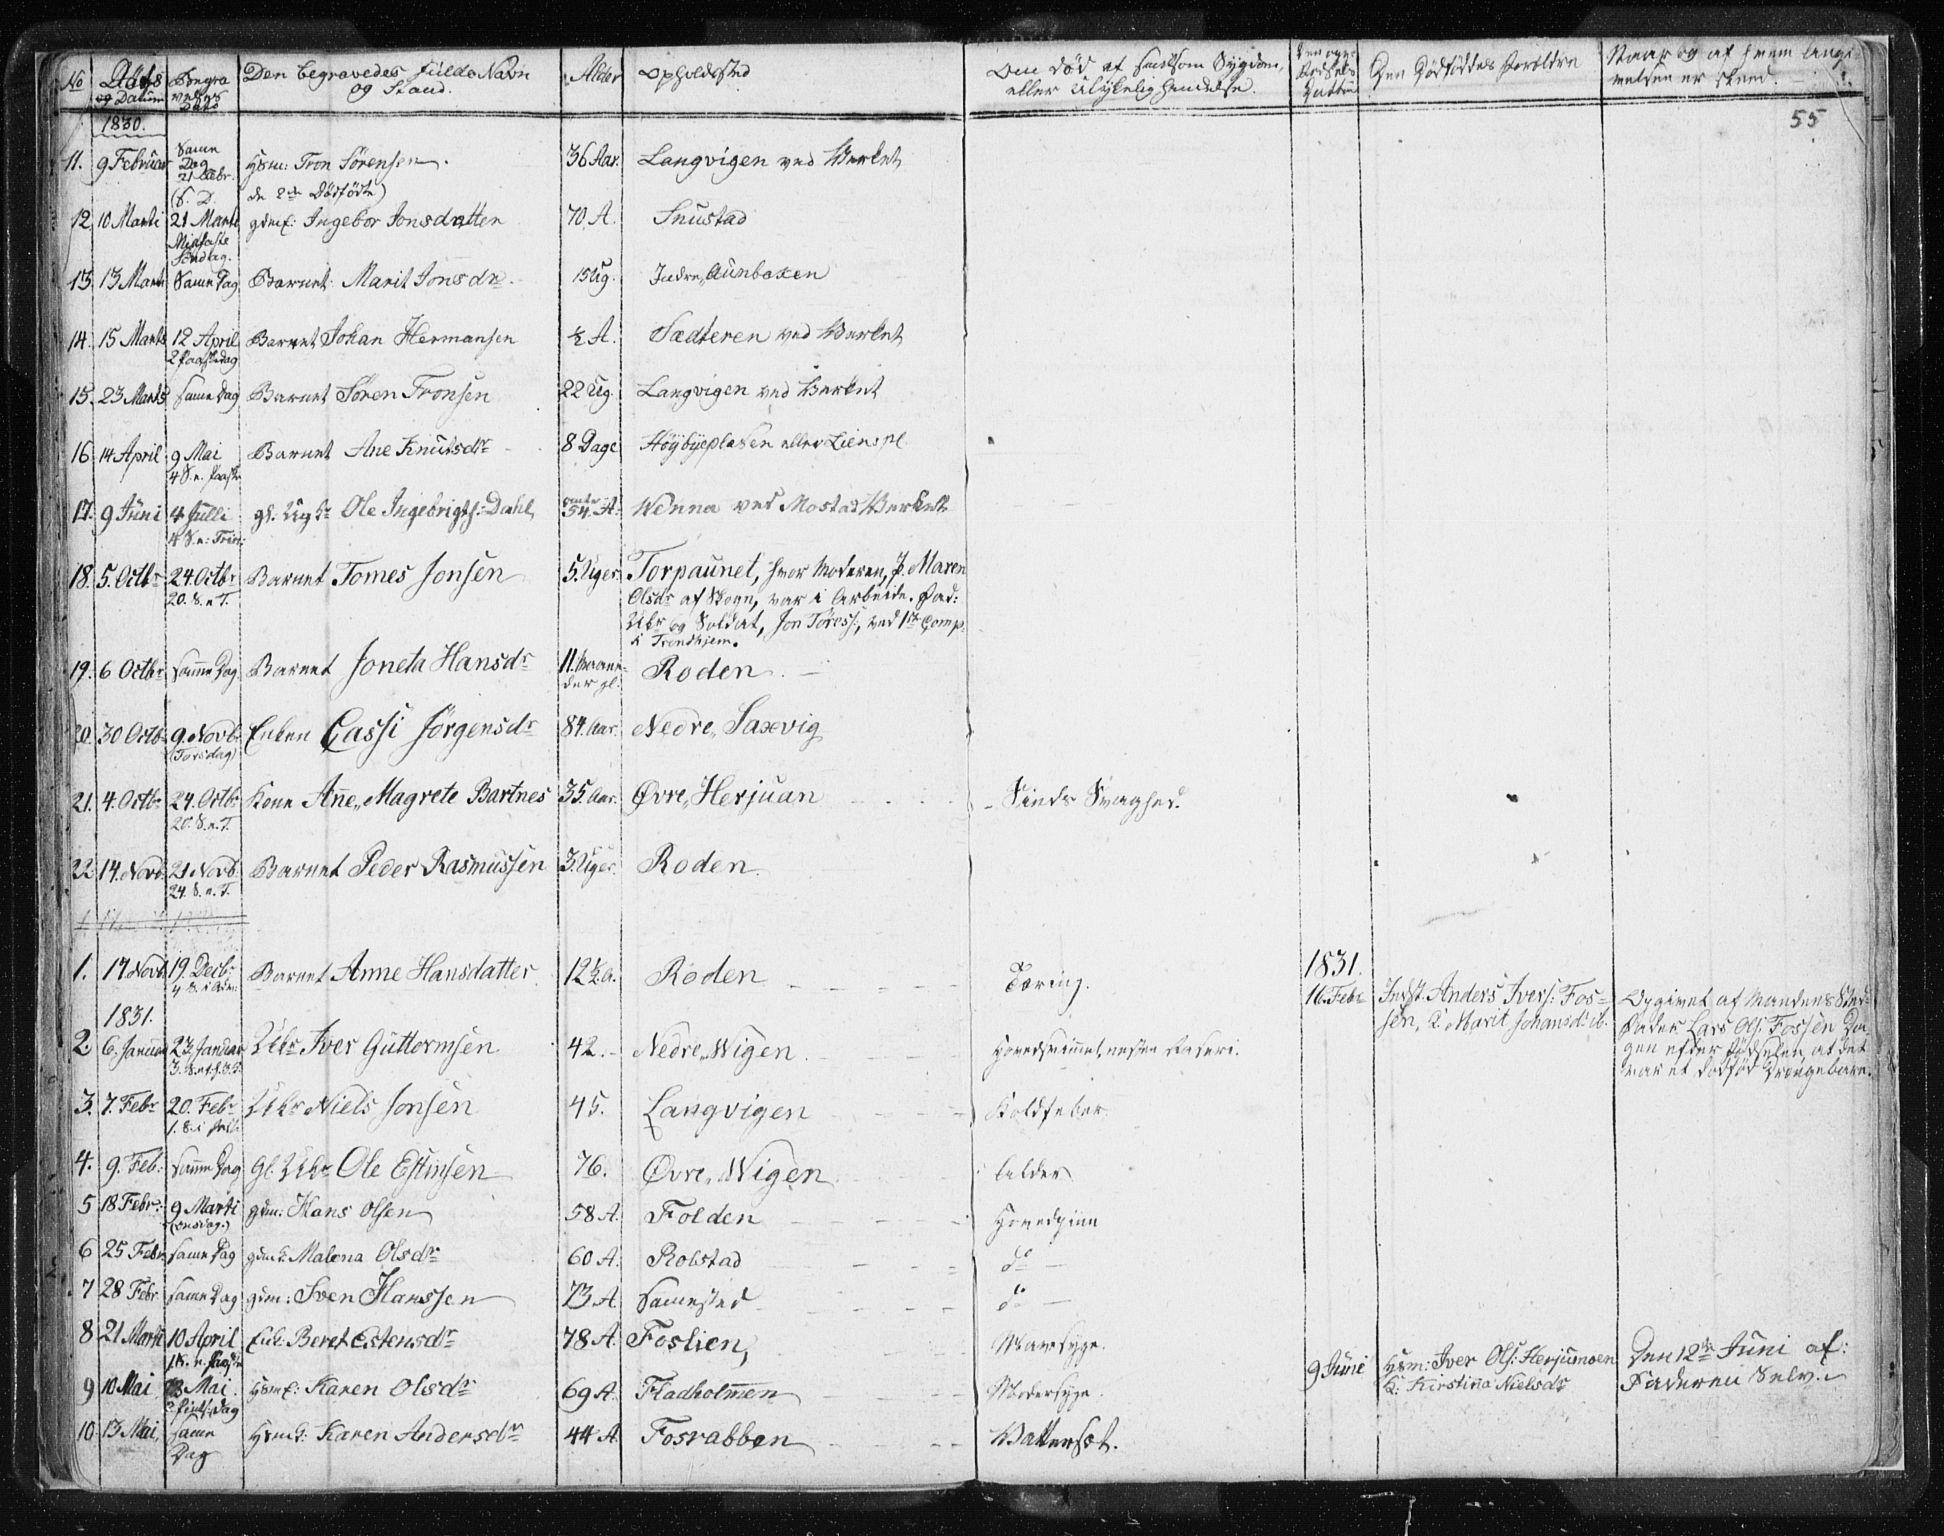 SAT, Ministerialprotokoller, klokkerbøker og fødselsregistre - Sør-Trøndelag, 616/L0404: Ministerialbok nr. 616A01, 1823-1831, s. 55